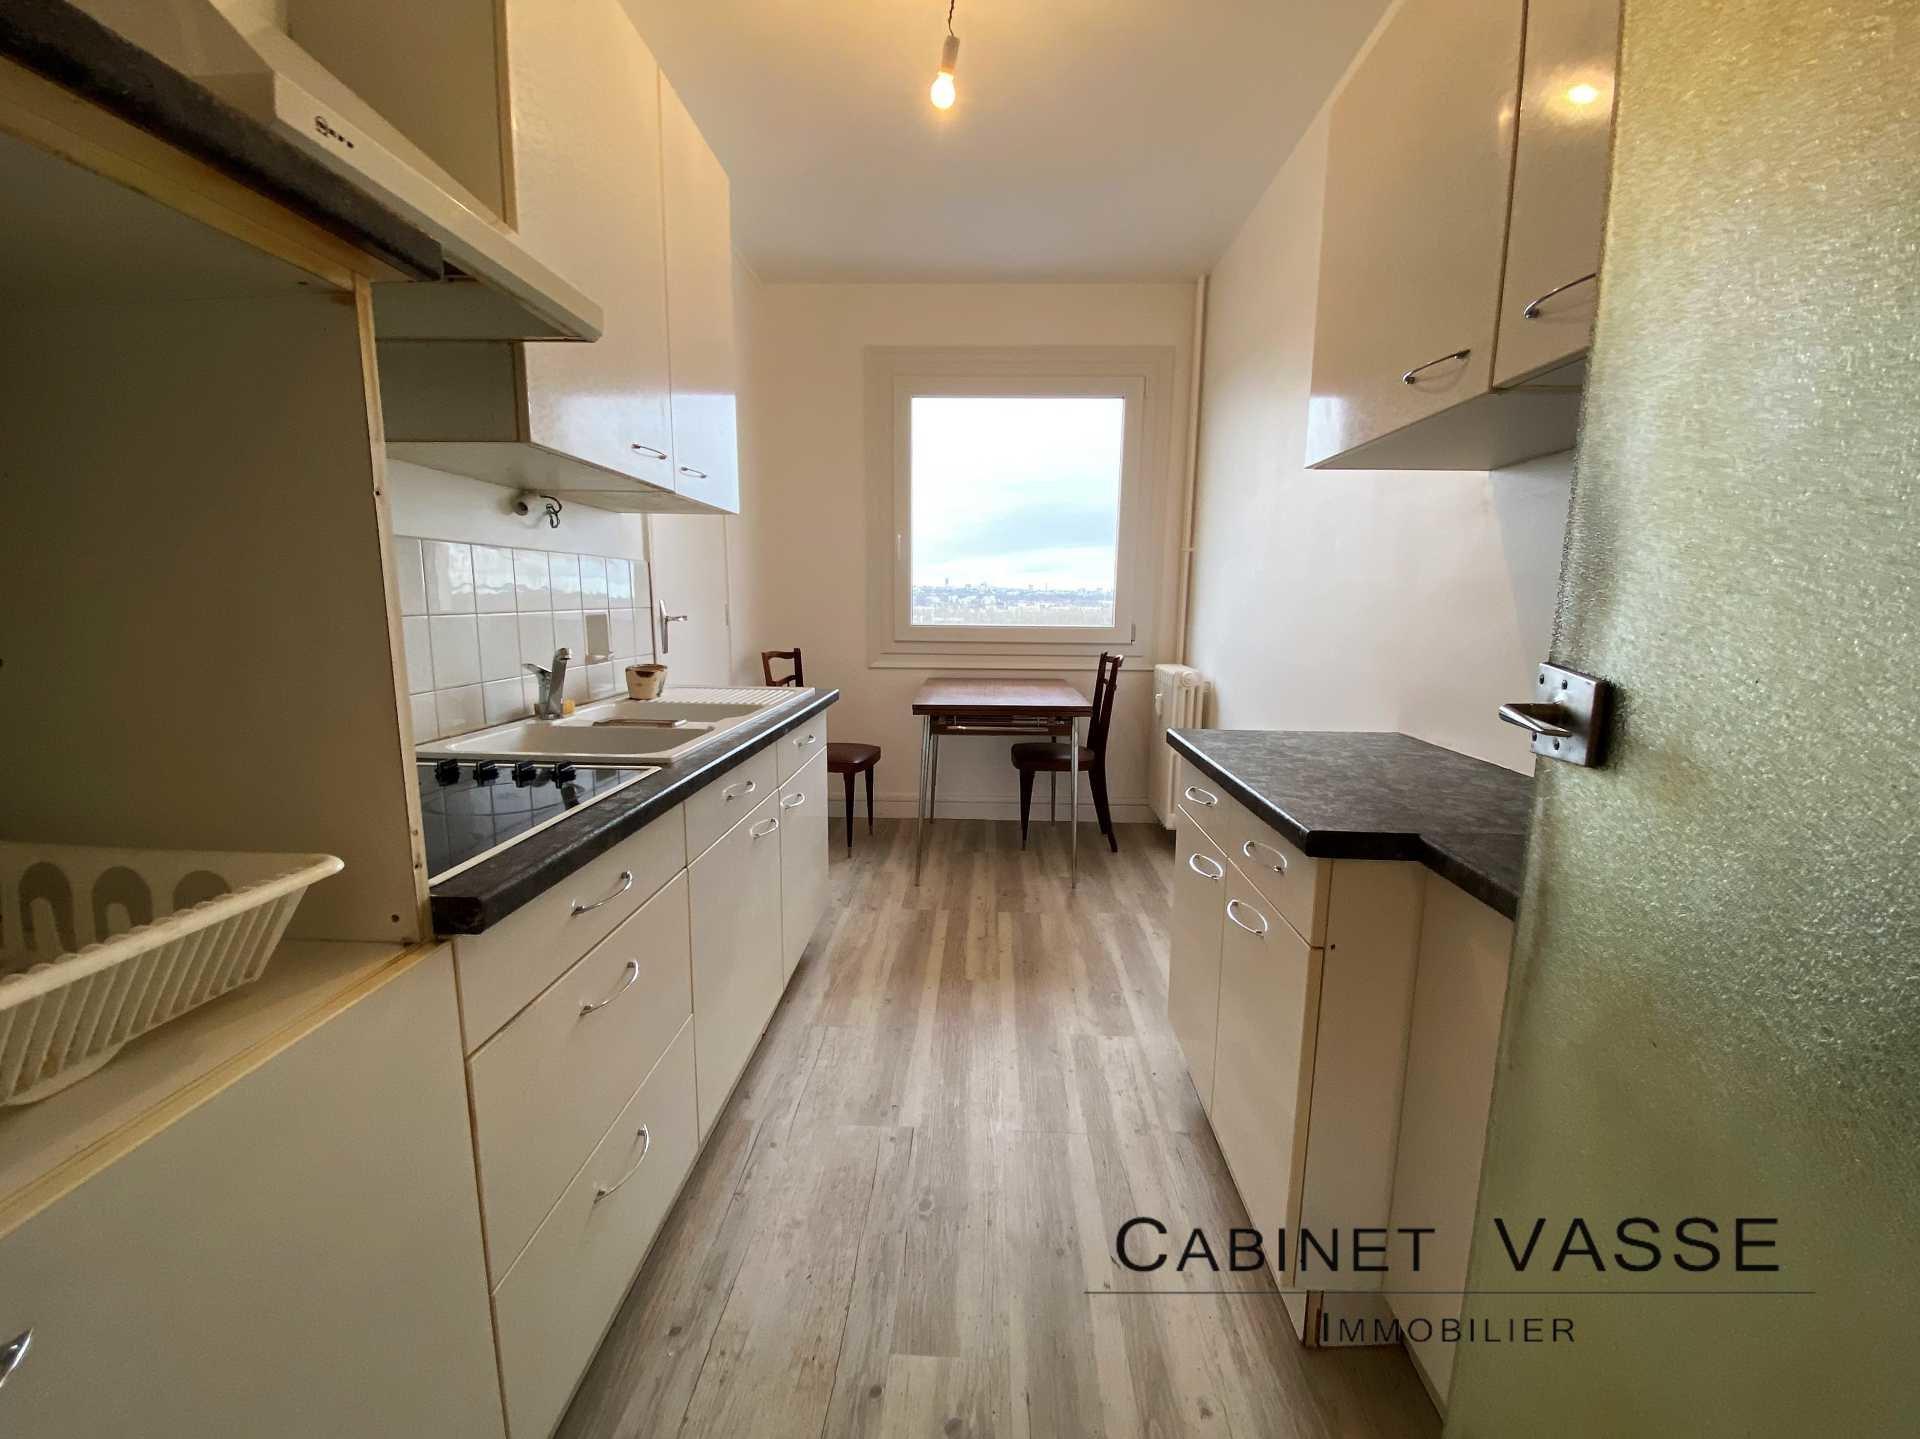 Appartement, cuisine, aménagée, cagibi, vasse, a louer